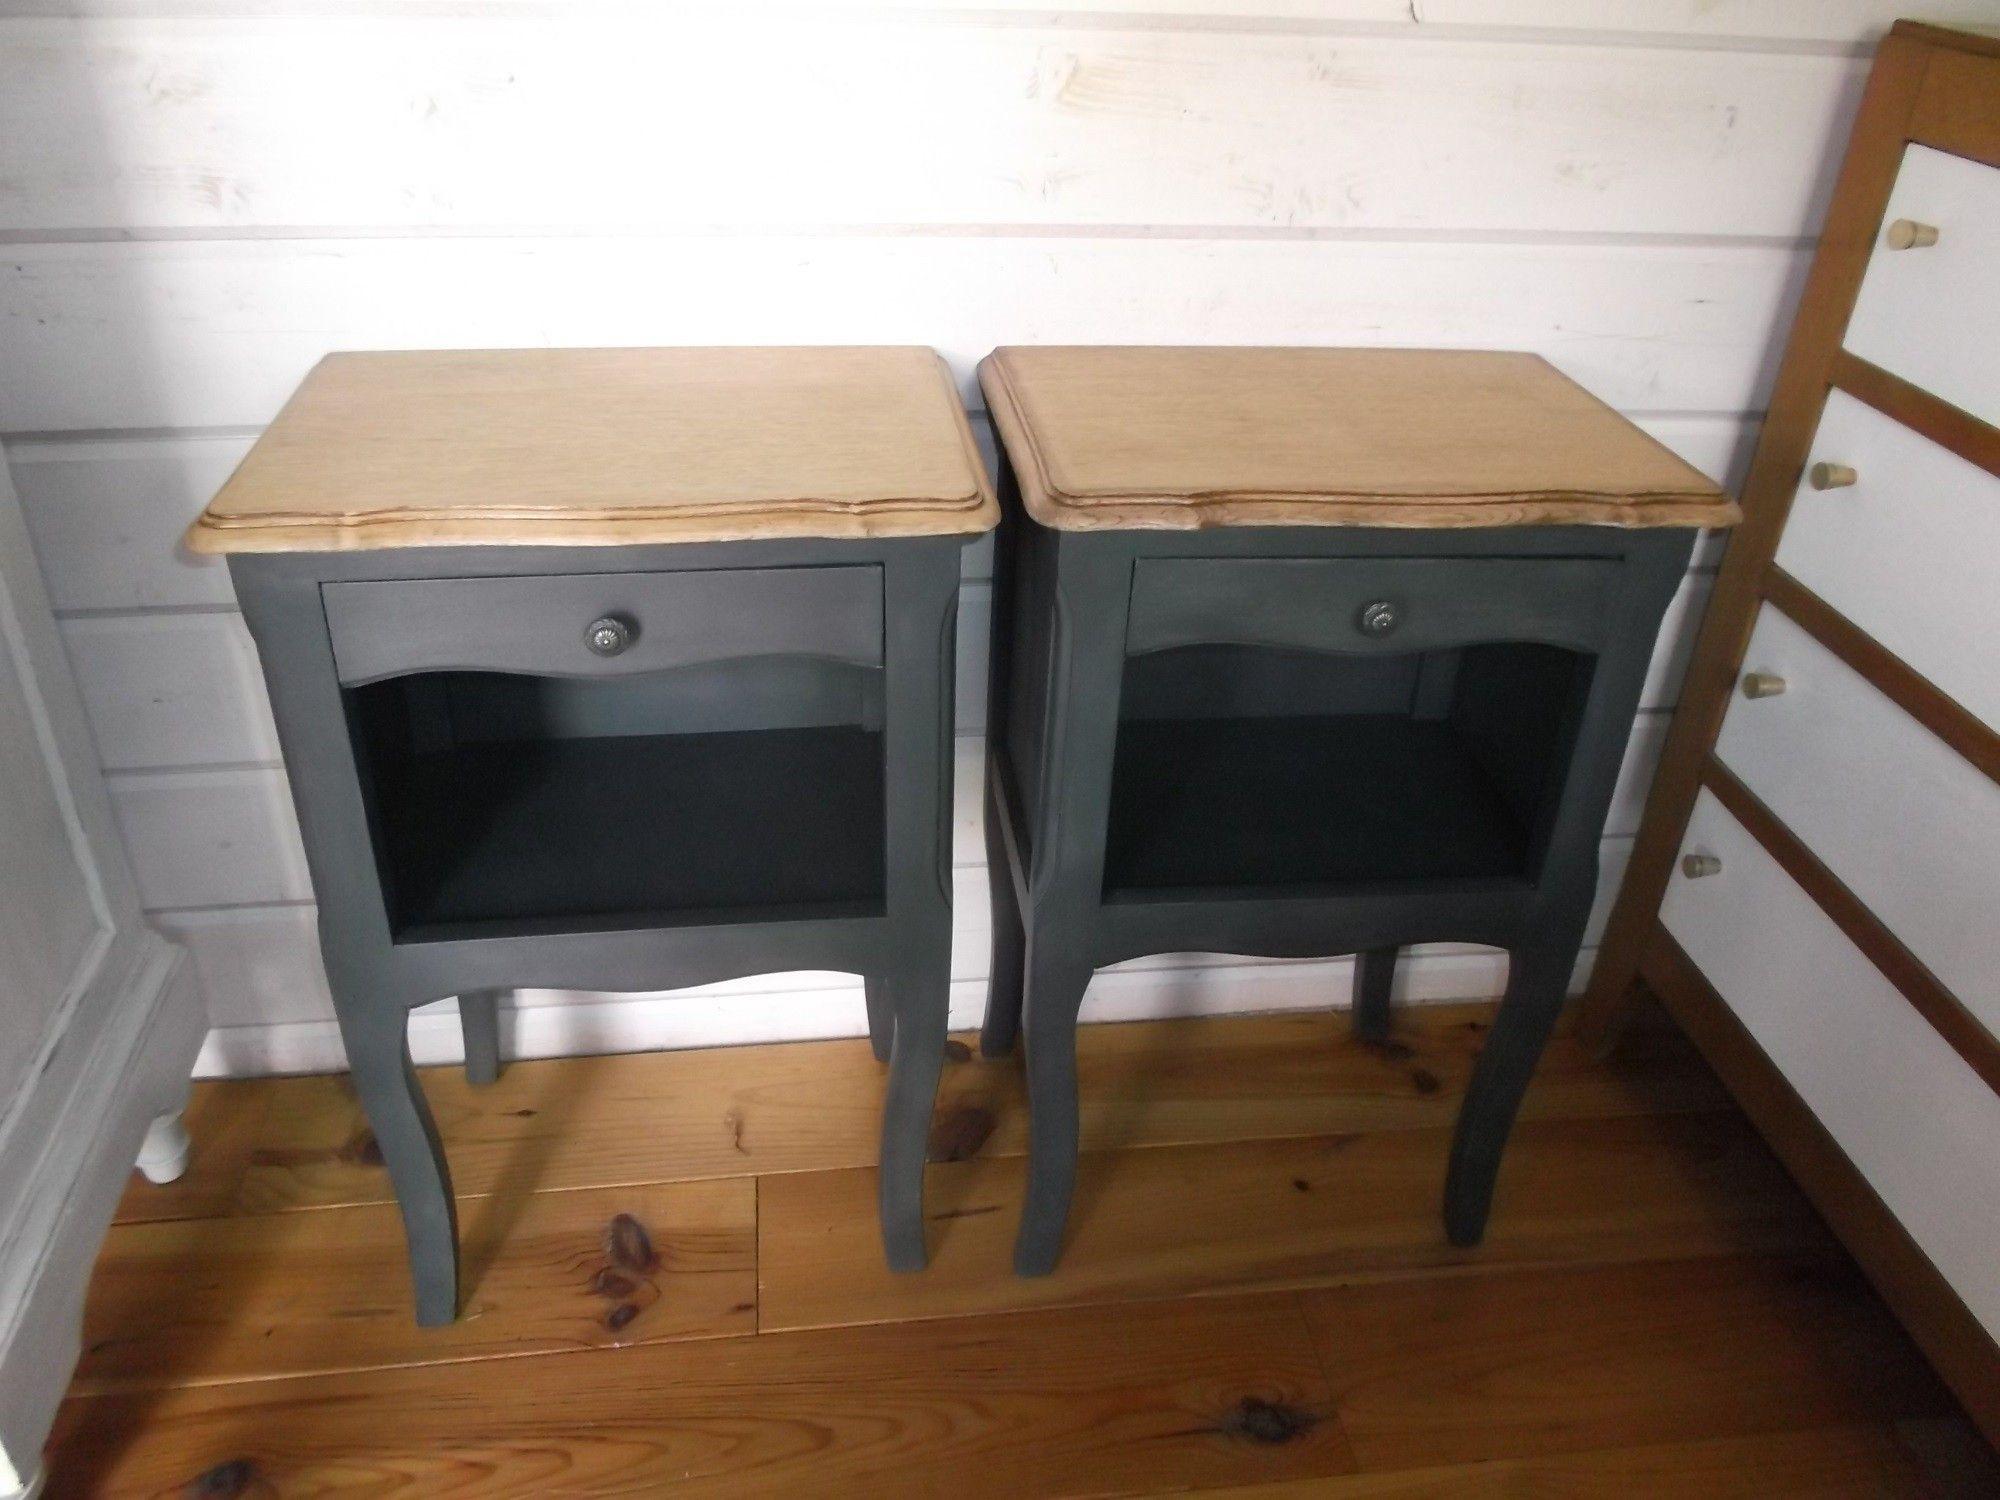 tables de chevet patines l ancienne doccasion vintage design scandinave - Table De Chevet D Occasion